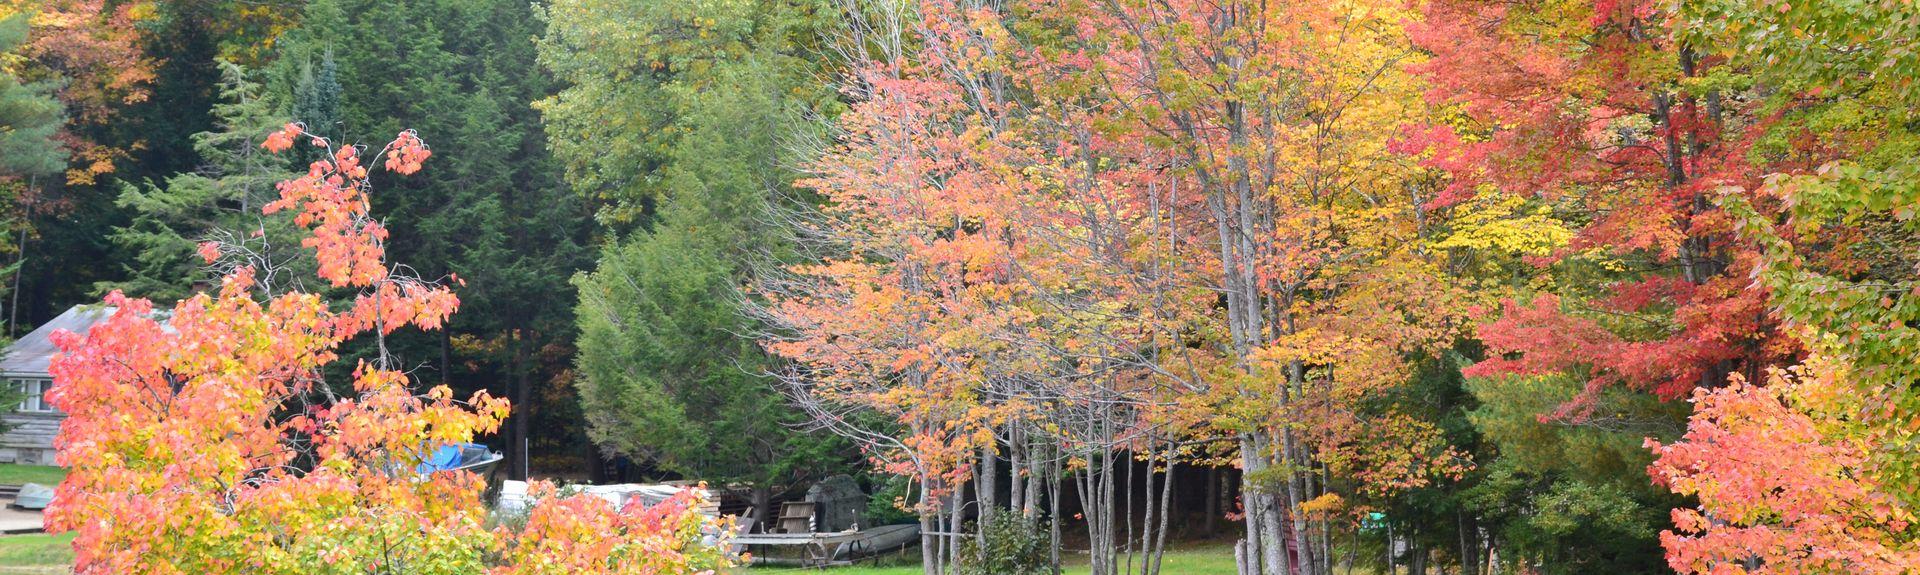 Comté d'Androscoggin, Maine, États-Unis d'Amérique